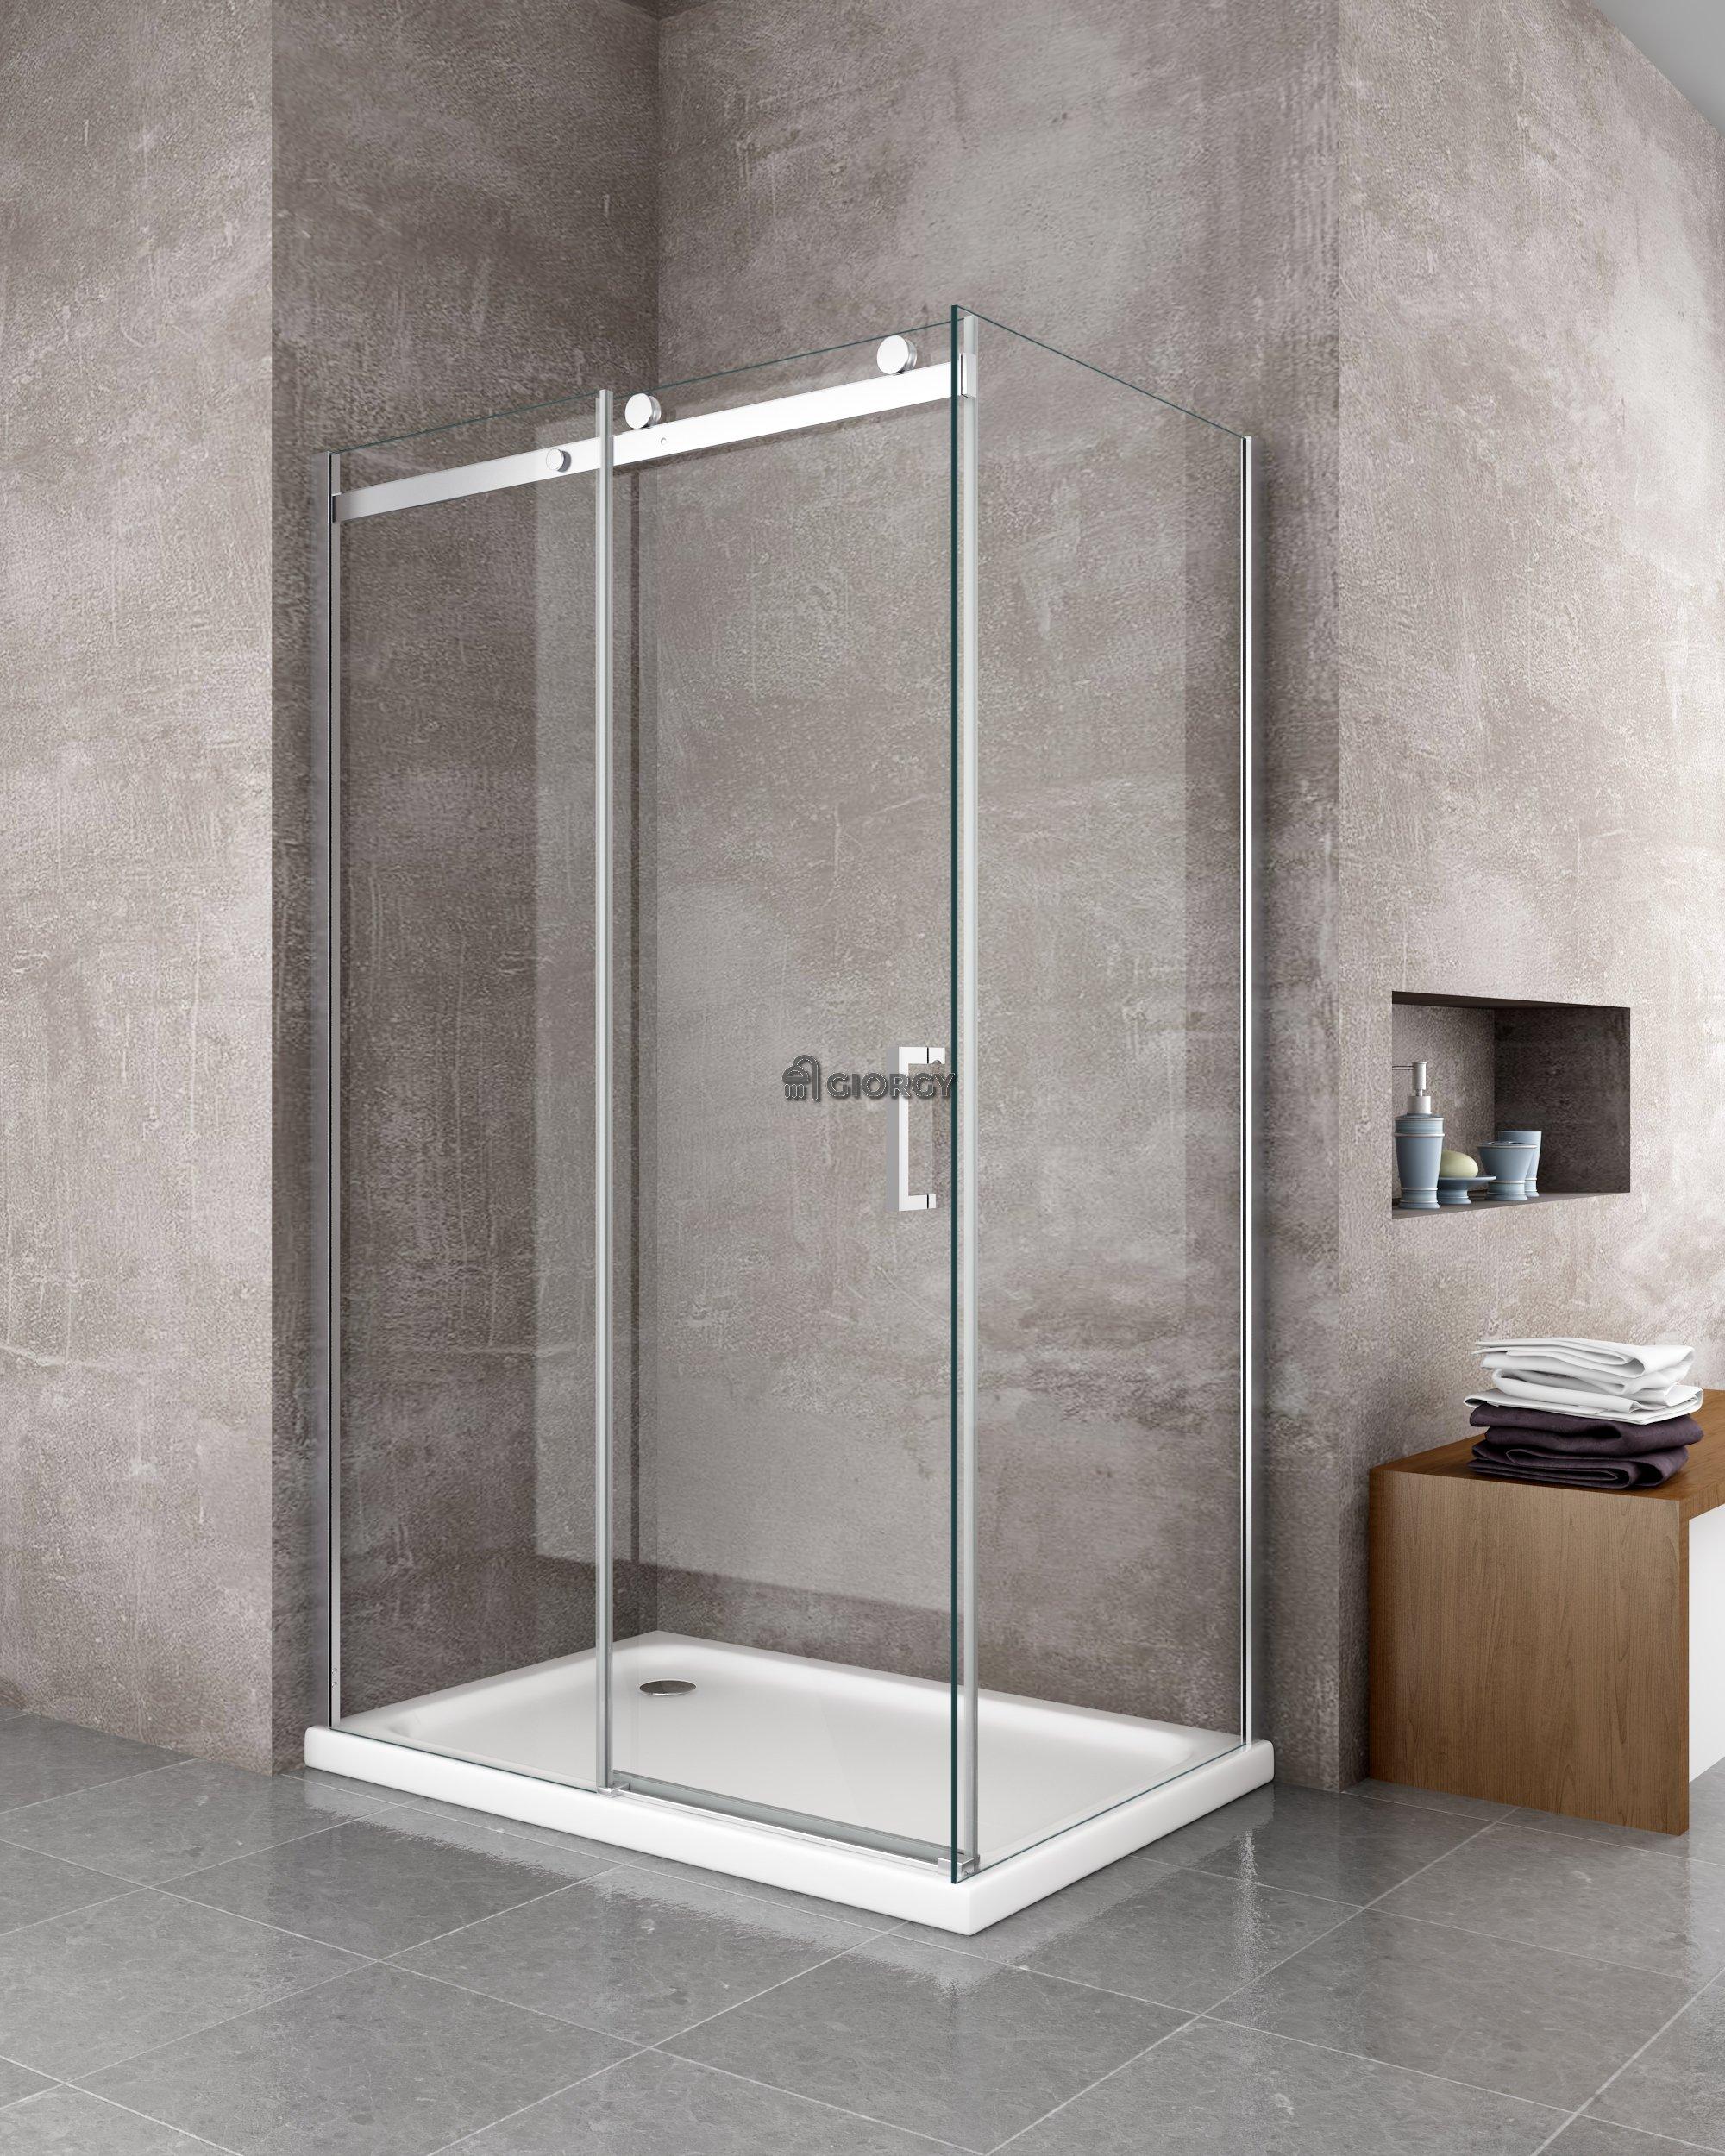 Latest doccia grande moderna bagni scavolini aquo bagno - Mosaici per doccia ...